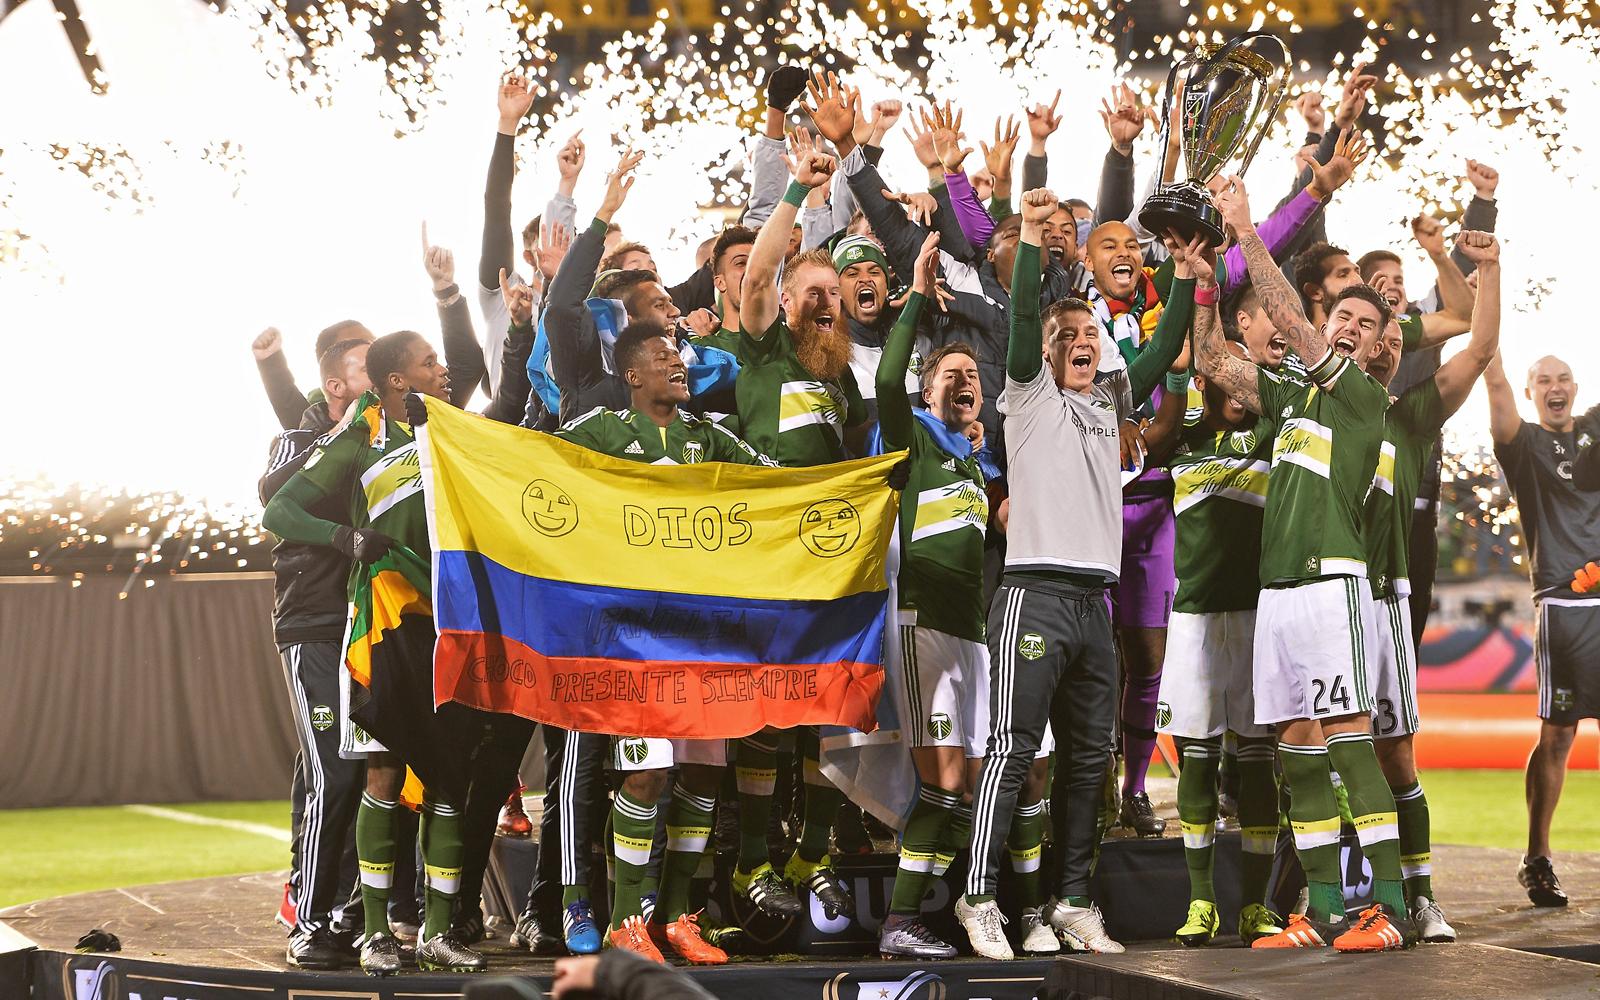 2015 – Portland Timbers (beat Columbus Crew SC 2-1)